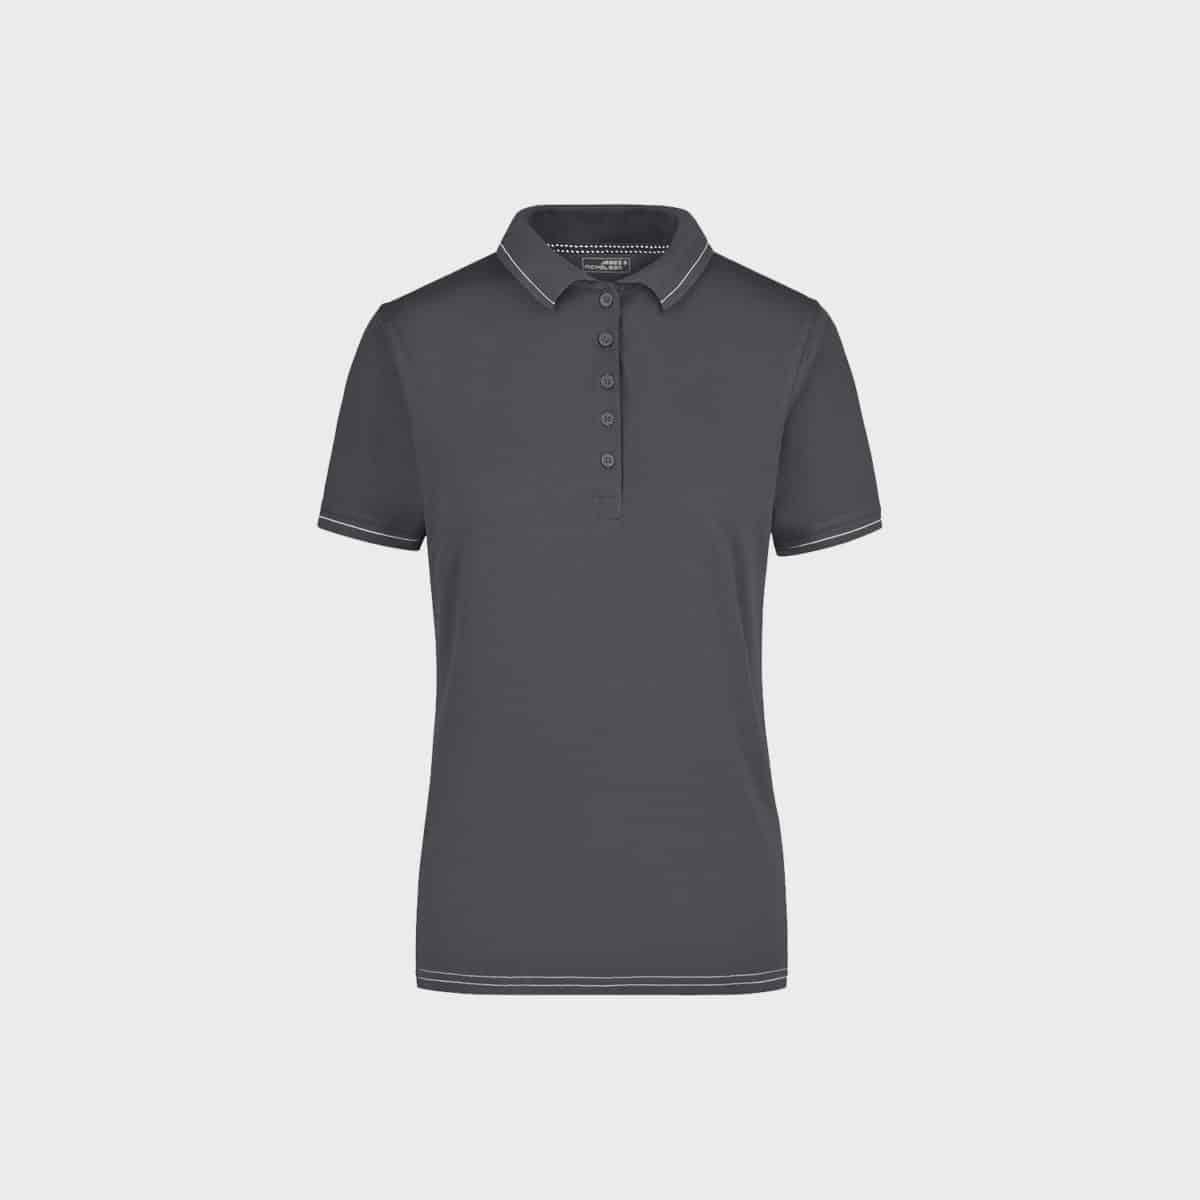 elastic-polo-t-shirt-damen-graphite-kaufen-besticken_stickmanufaktur